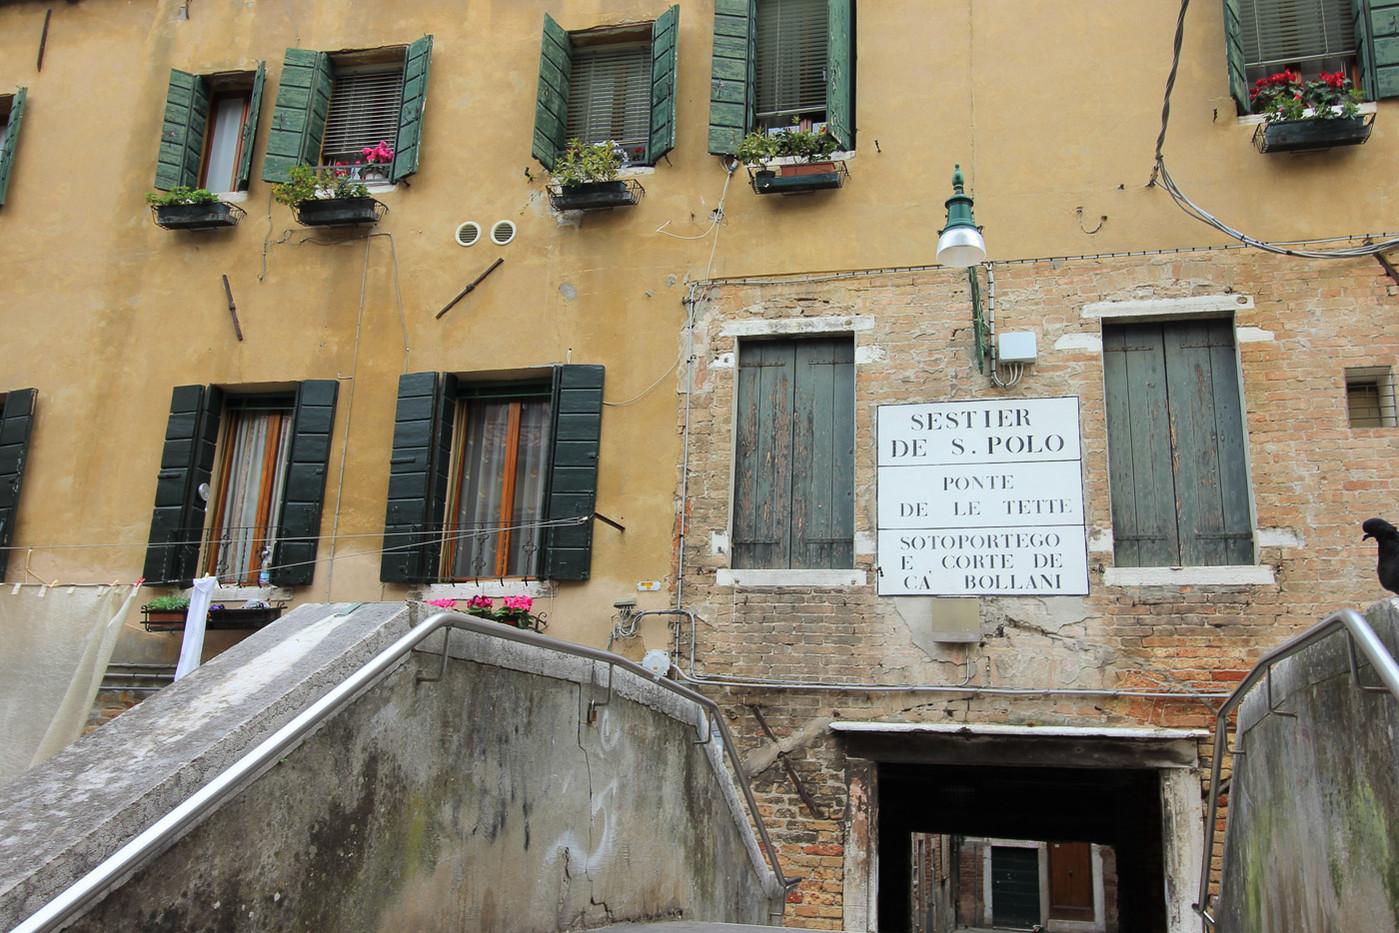 Las ventanas donde se asomaban las prostitutas